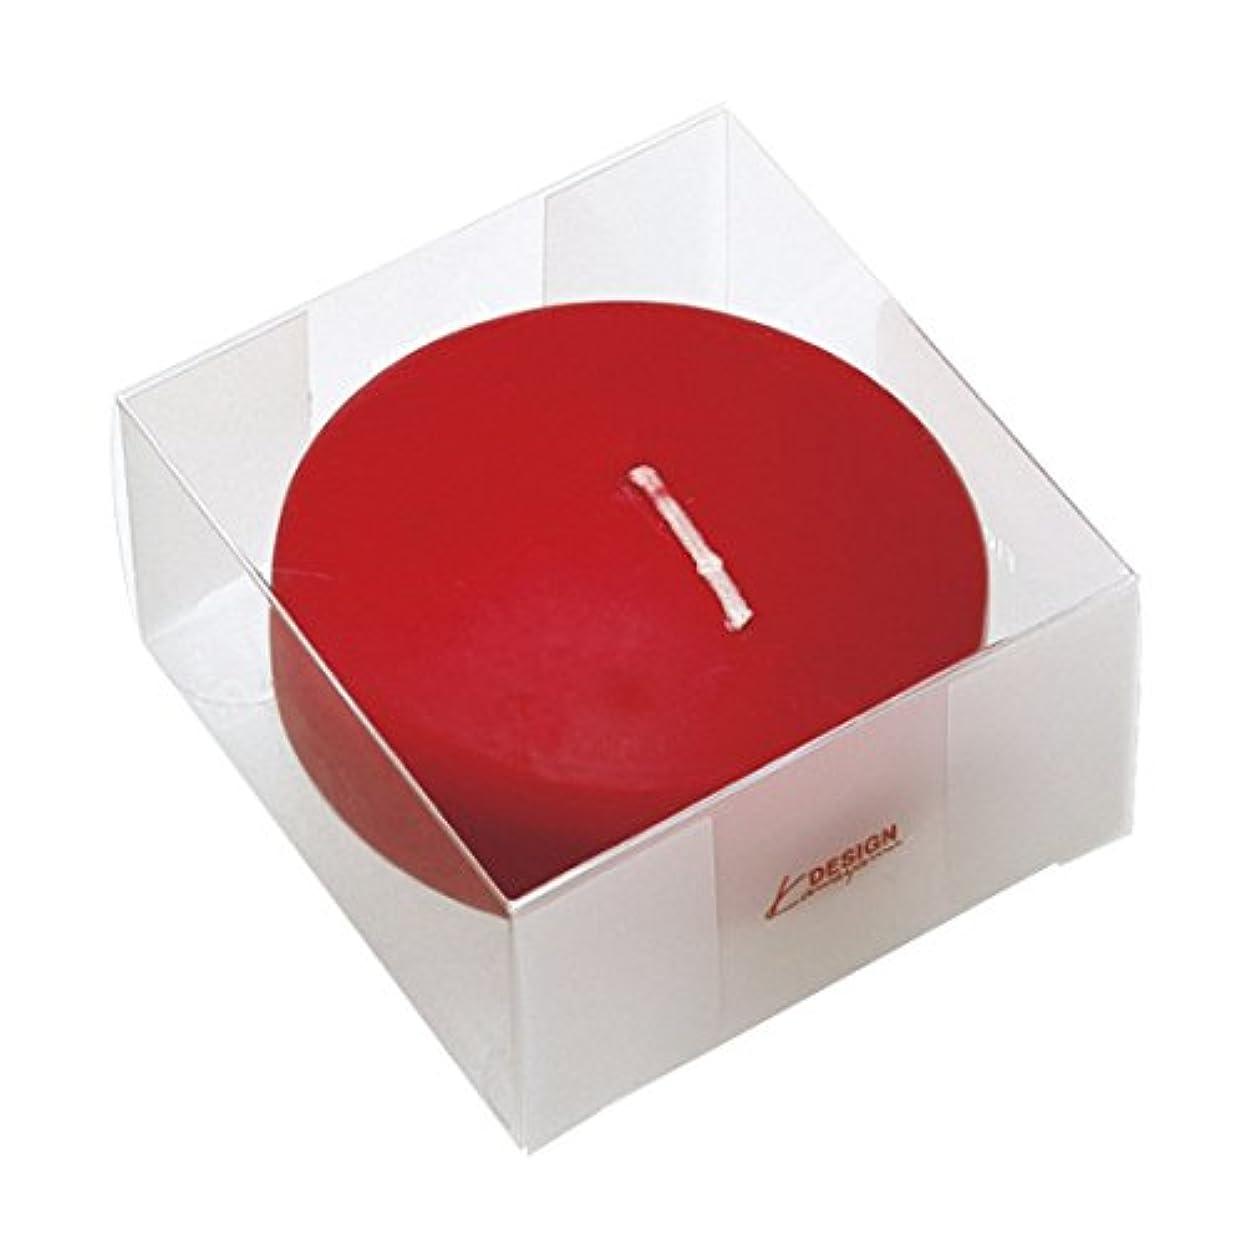 プロポーショナル起こりやすいオデュッセウスプール80(箱入り) 「 ダークレッド 」